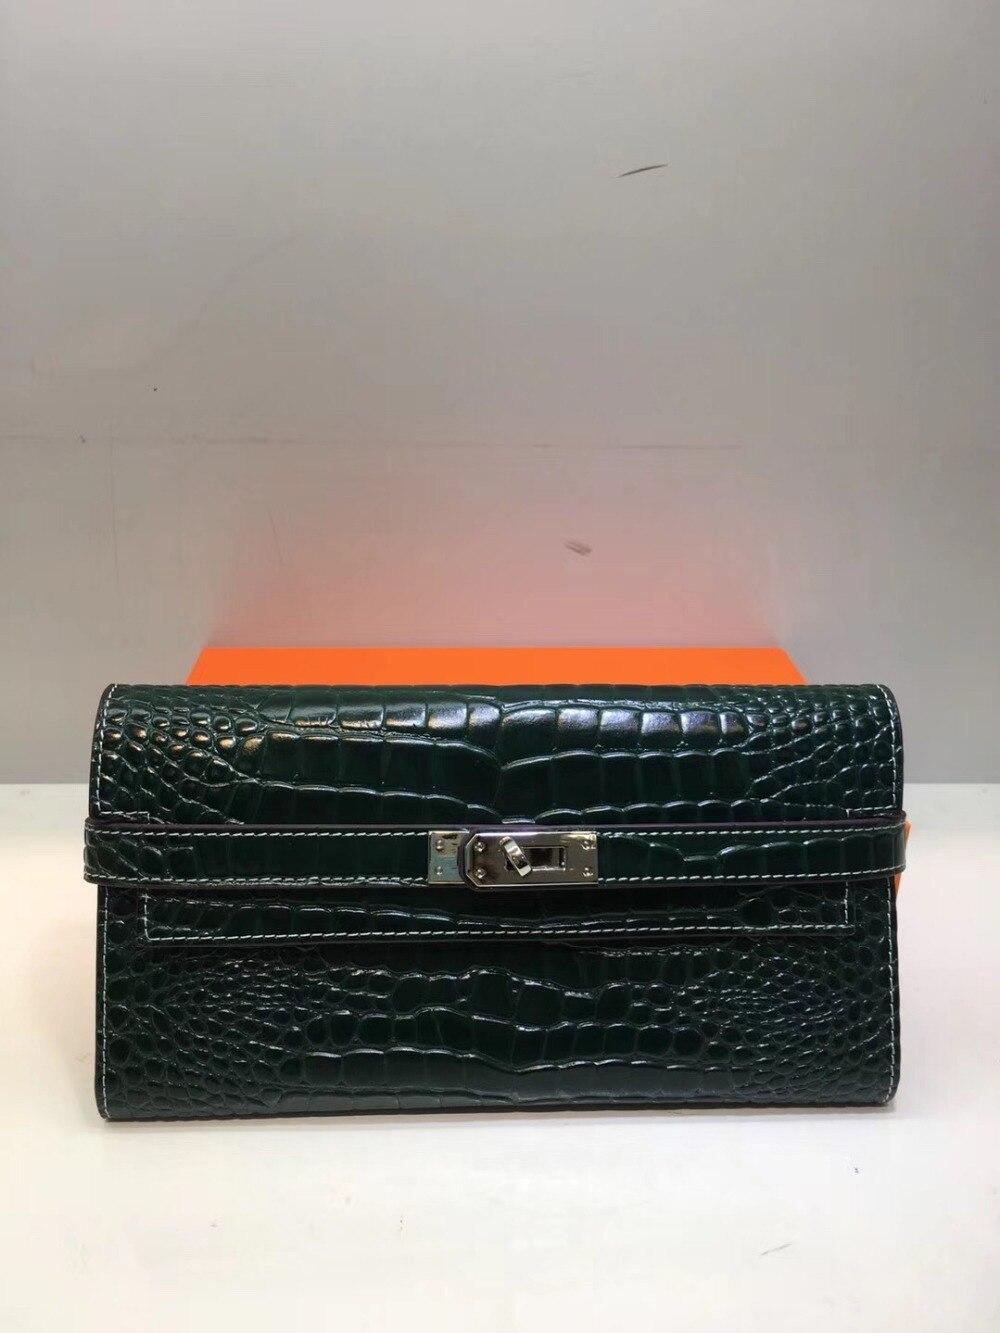 Kafunila marca de luxo designer de mulheres carteira de couro genuíno das mulheres embreagem bolsa de crocodilo padrão de moda bolsa de couro original